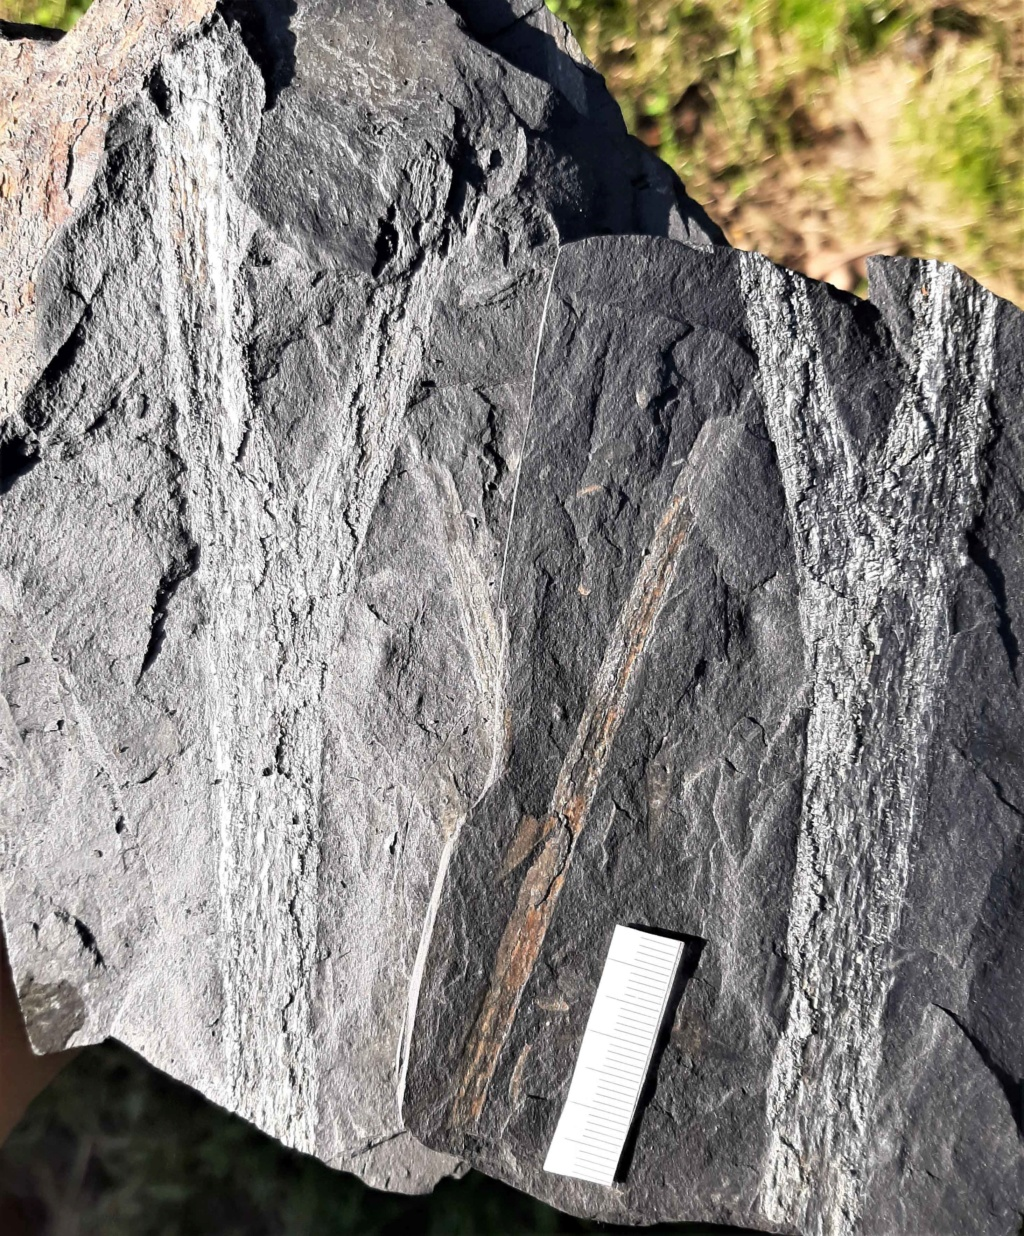 Flore Carbonifère des Alpes Françaises part 2 - Page 4 20200611